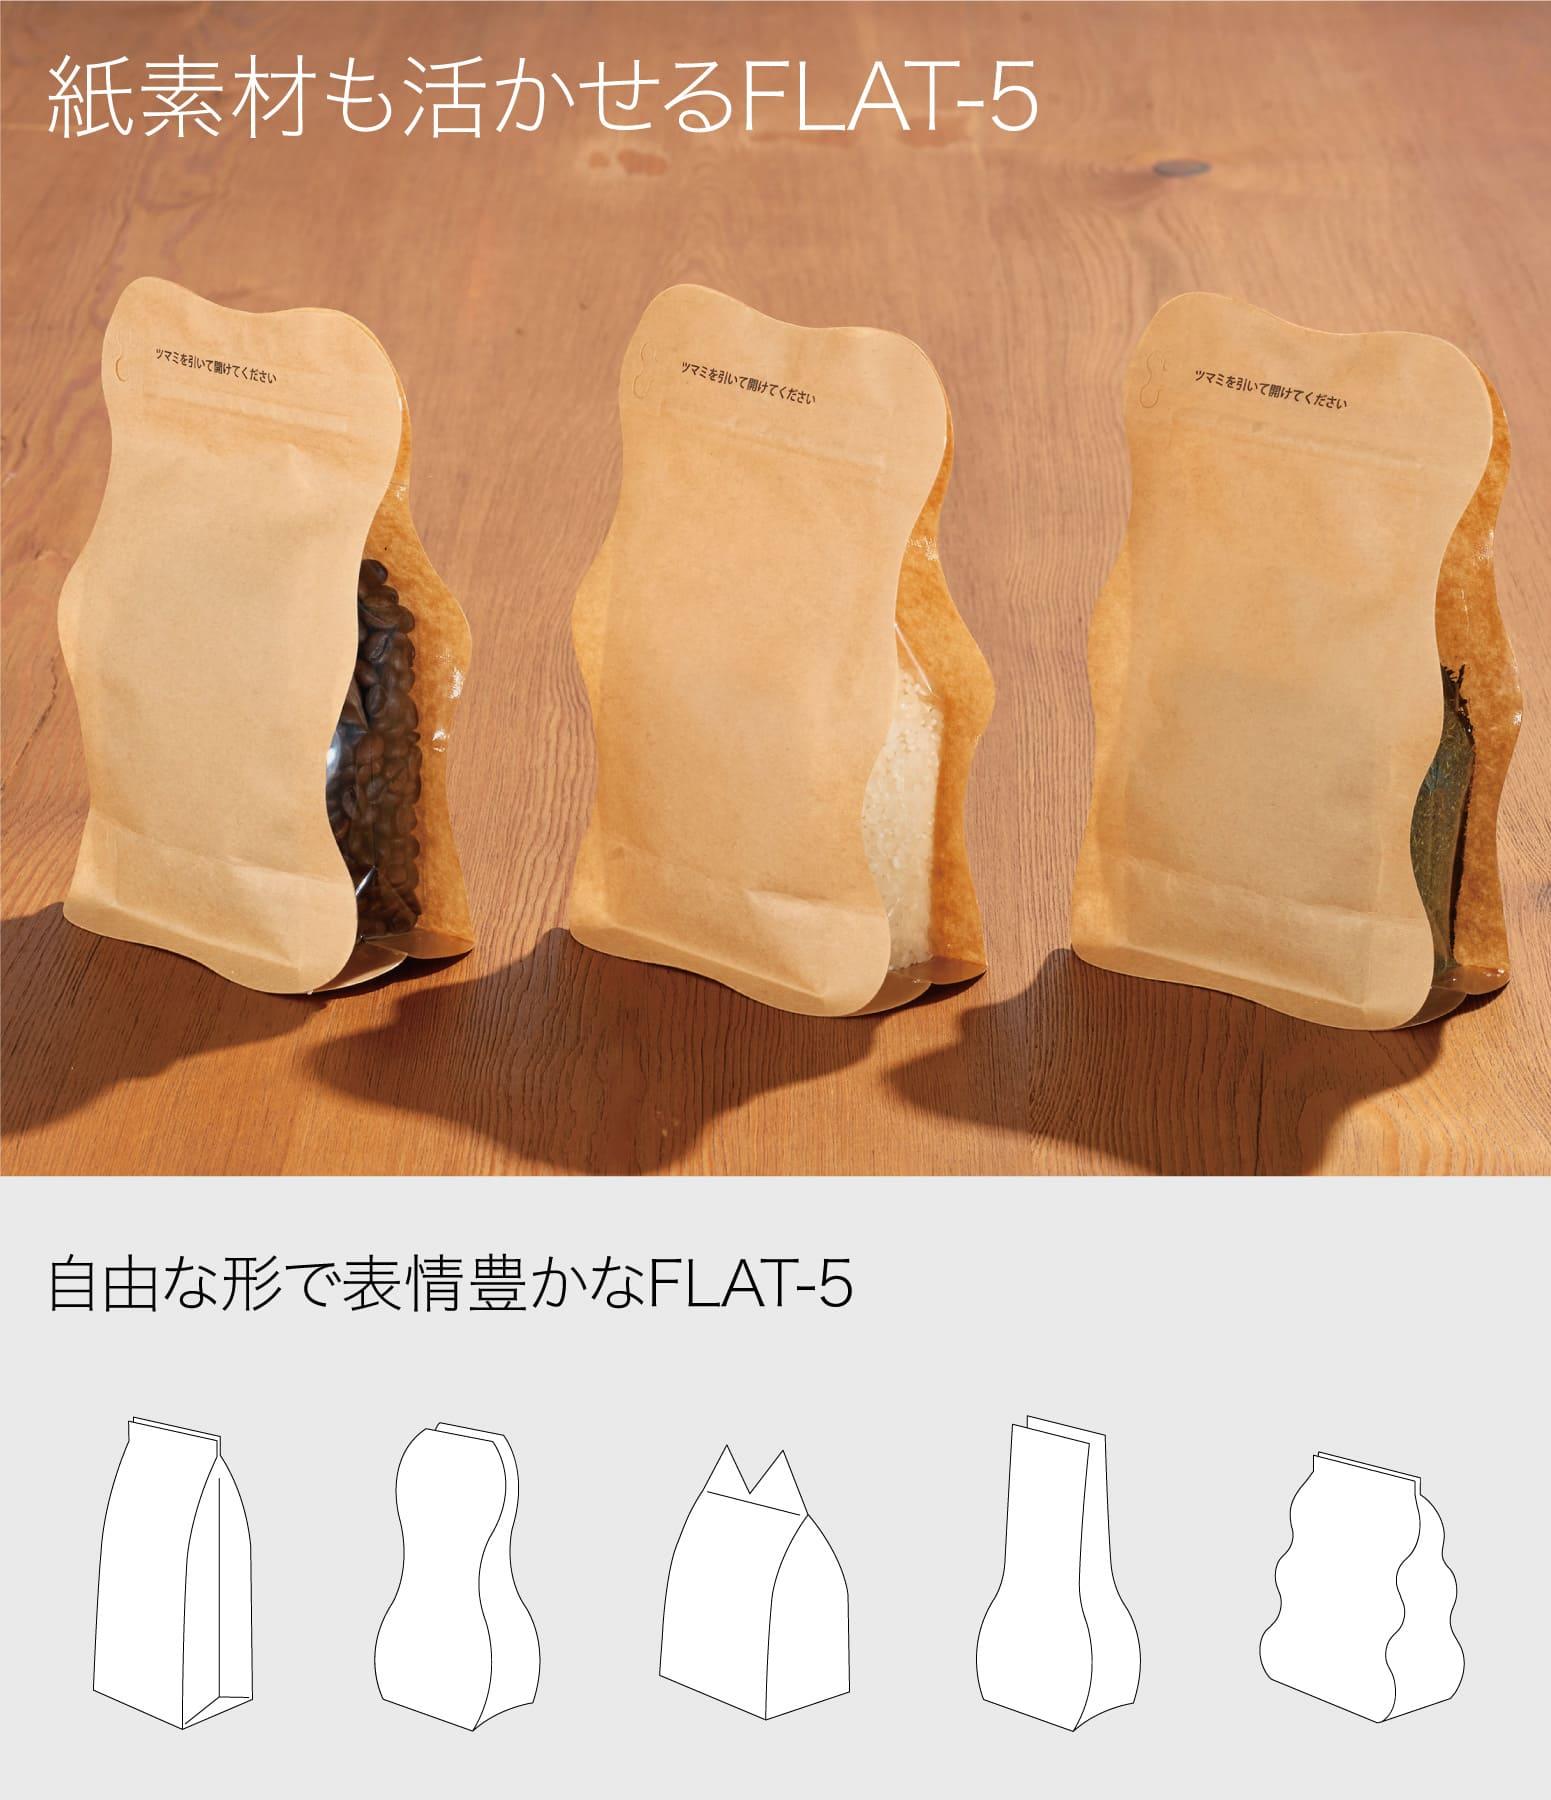 紙素材も活かせるFLAT-5 自由な形で表情豊かなFLAT-5